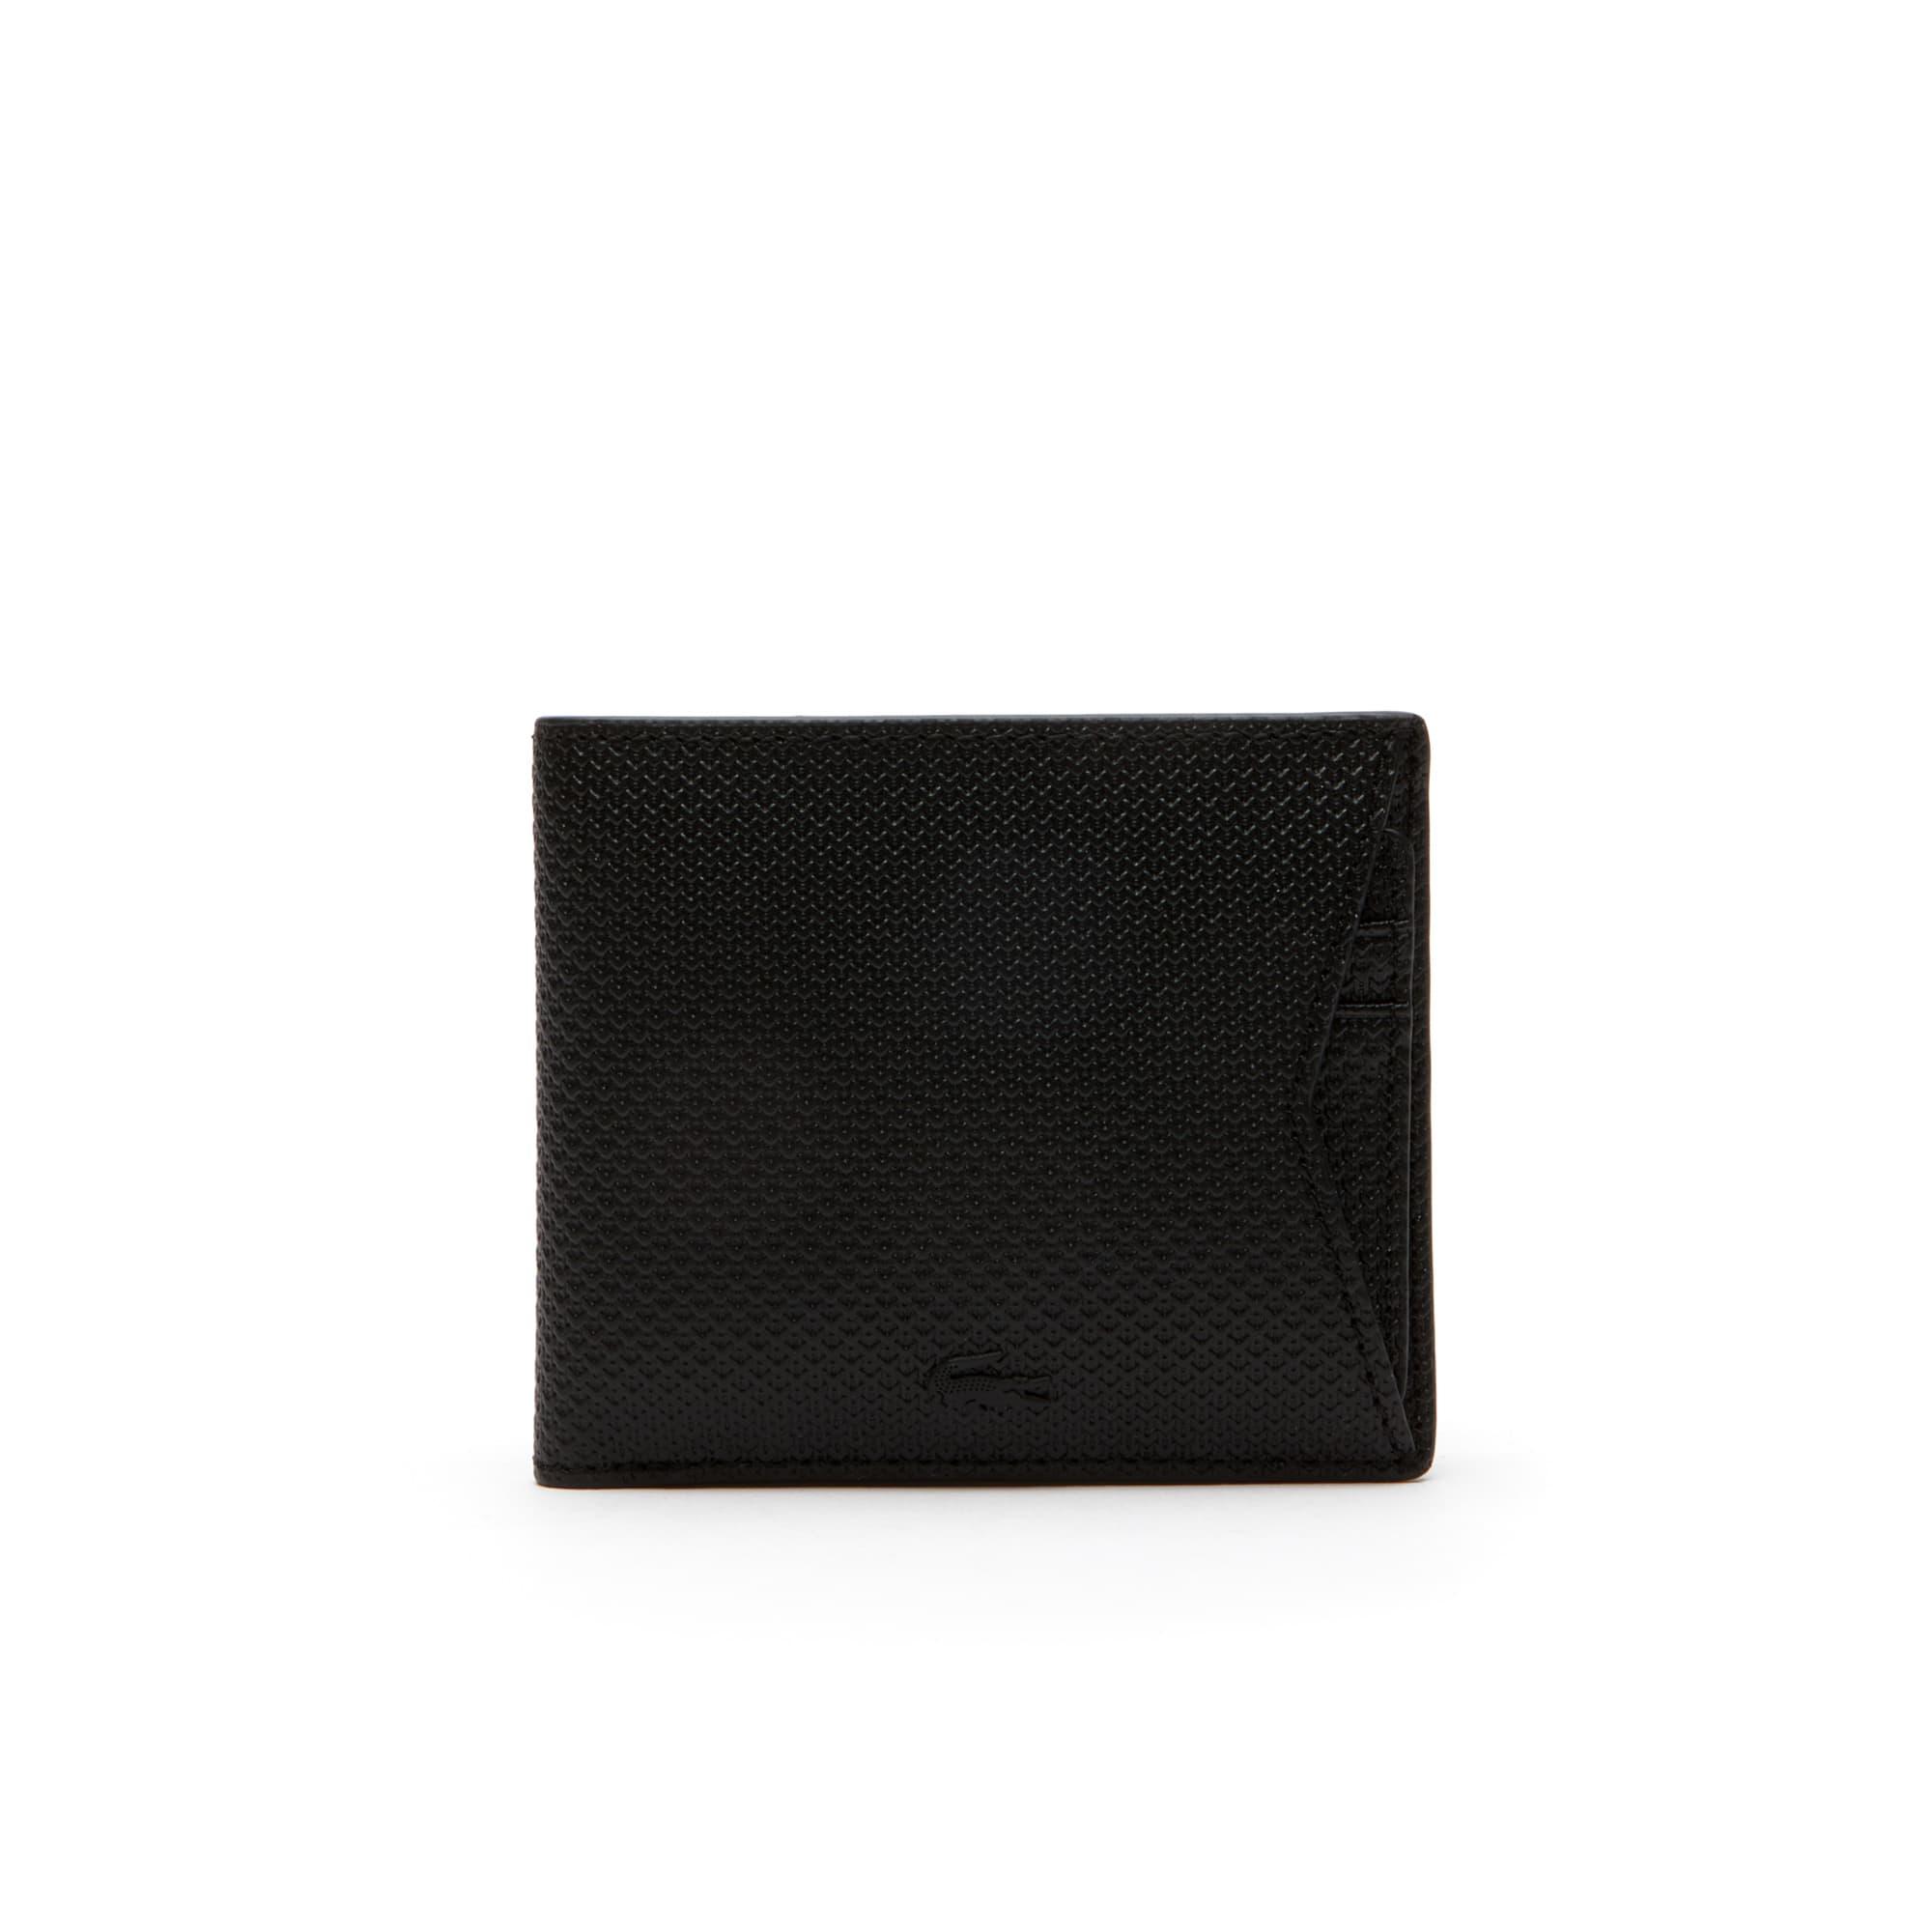 Herren Chantaco Leder Brieftasche mit Kartenetui Einfarbig